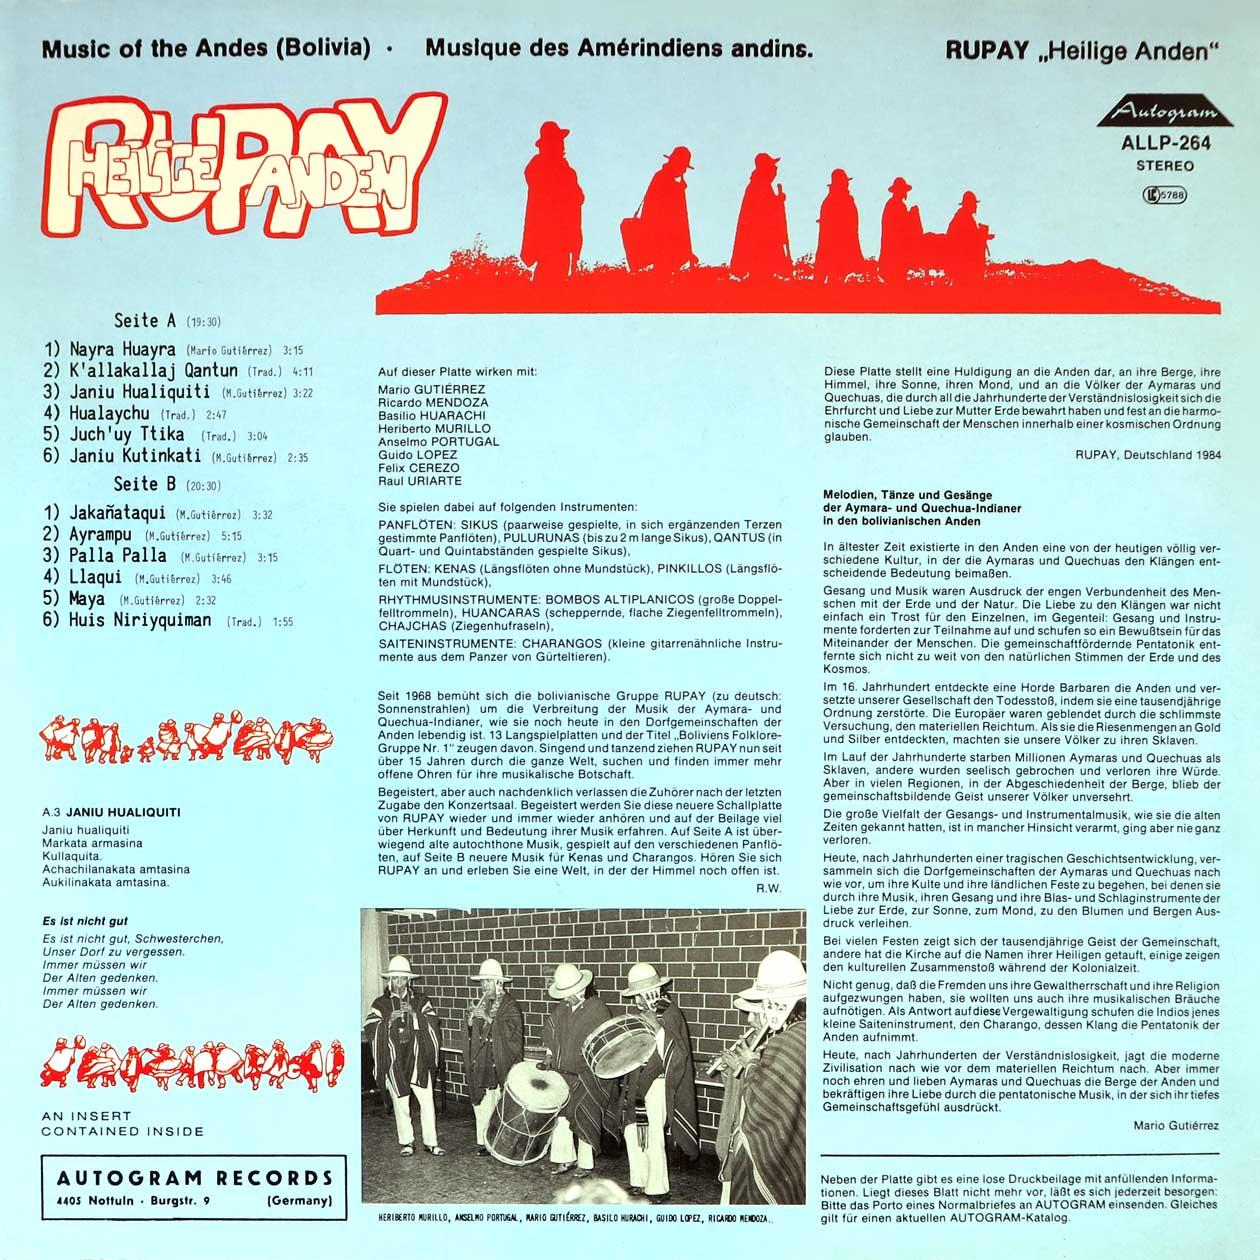 Ruphay - Heilige Anden